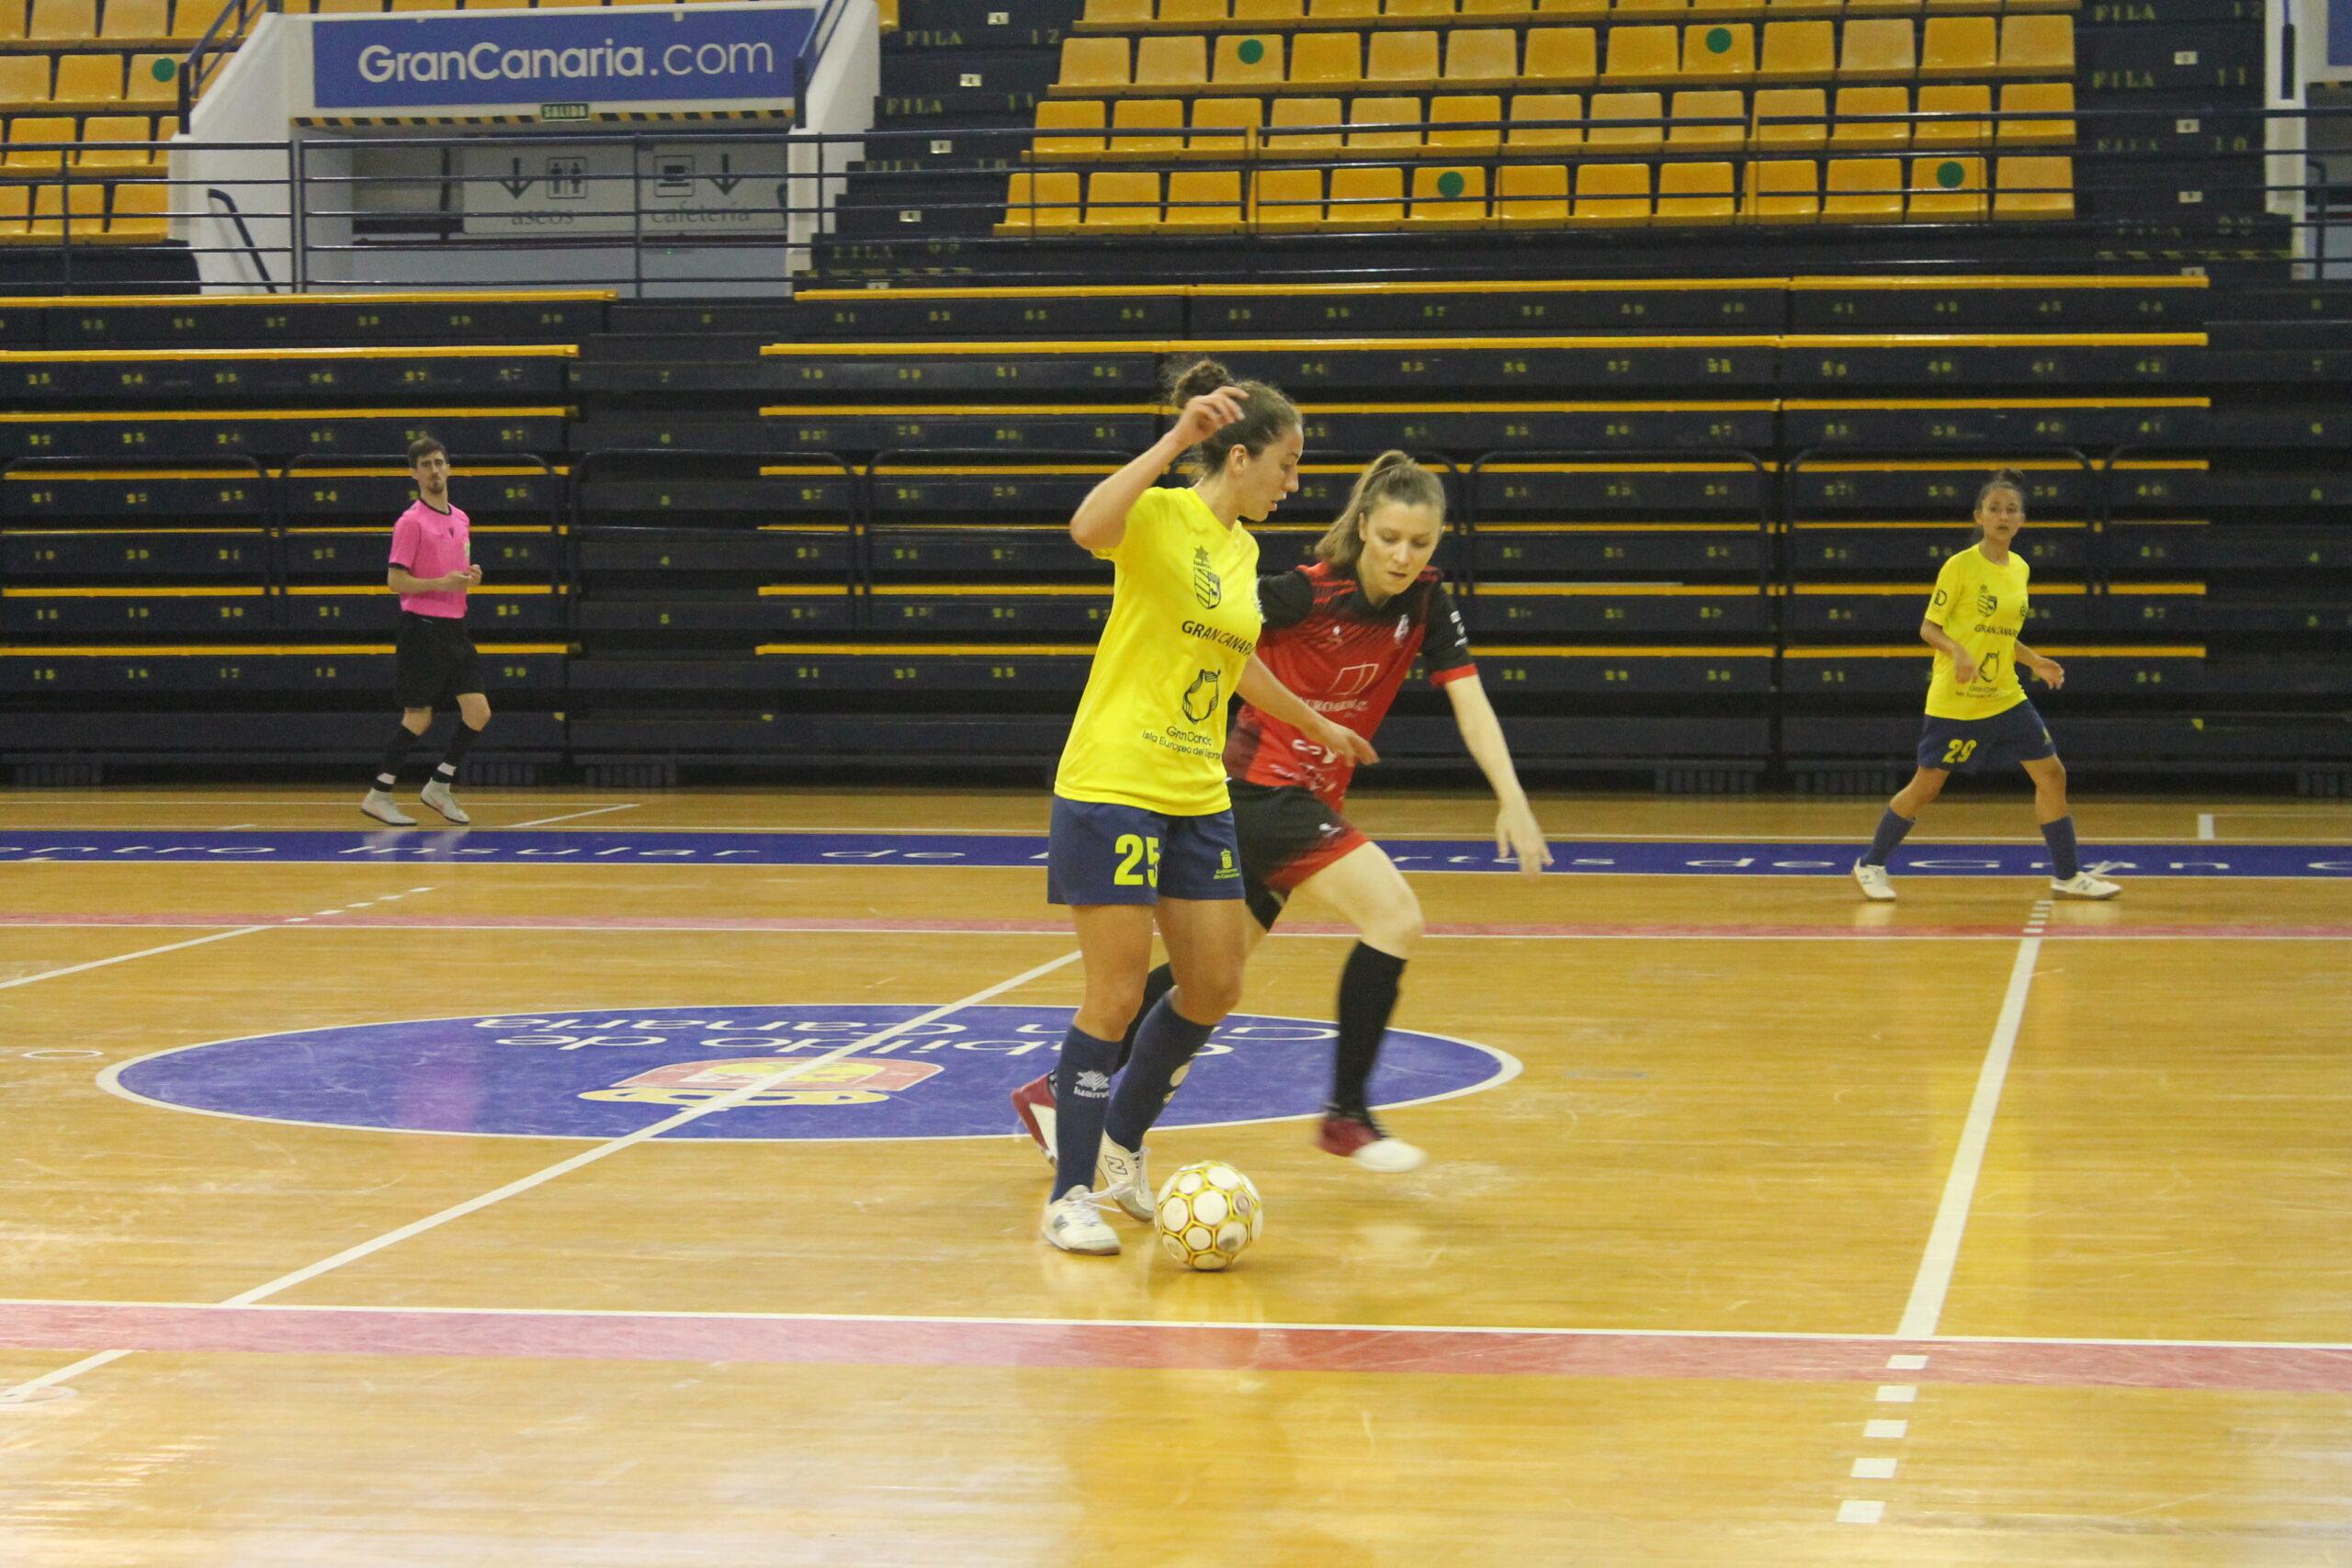 Crónica del Partido: Gran Canaria Teldeportivo B - Villacañas FS